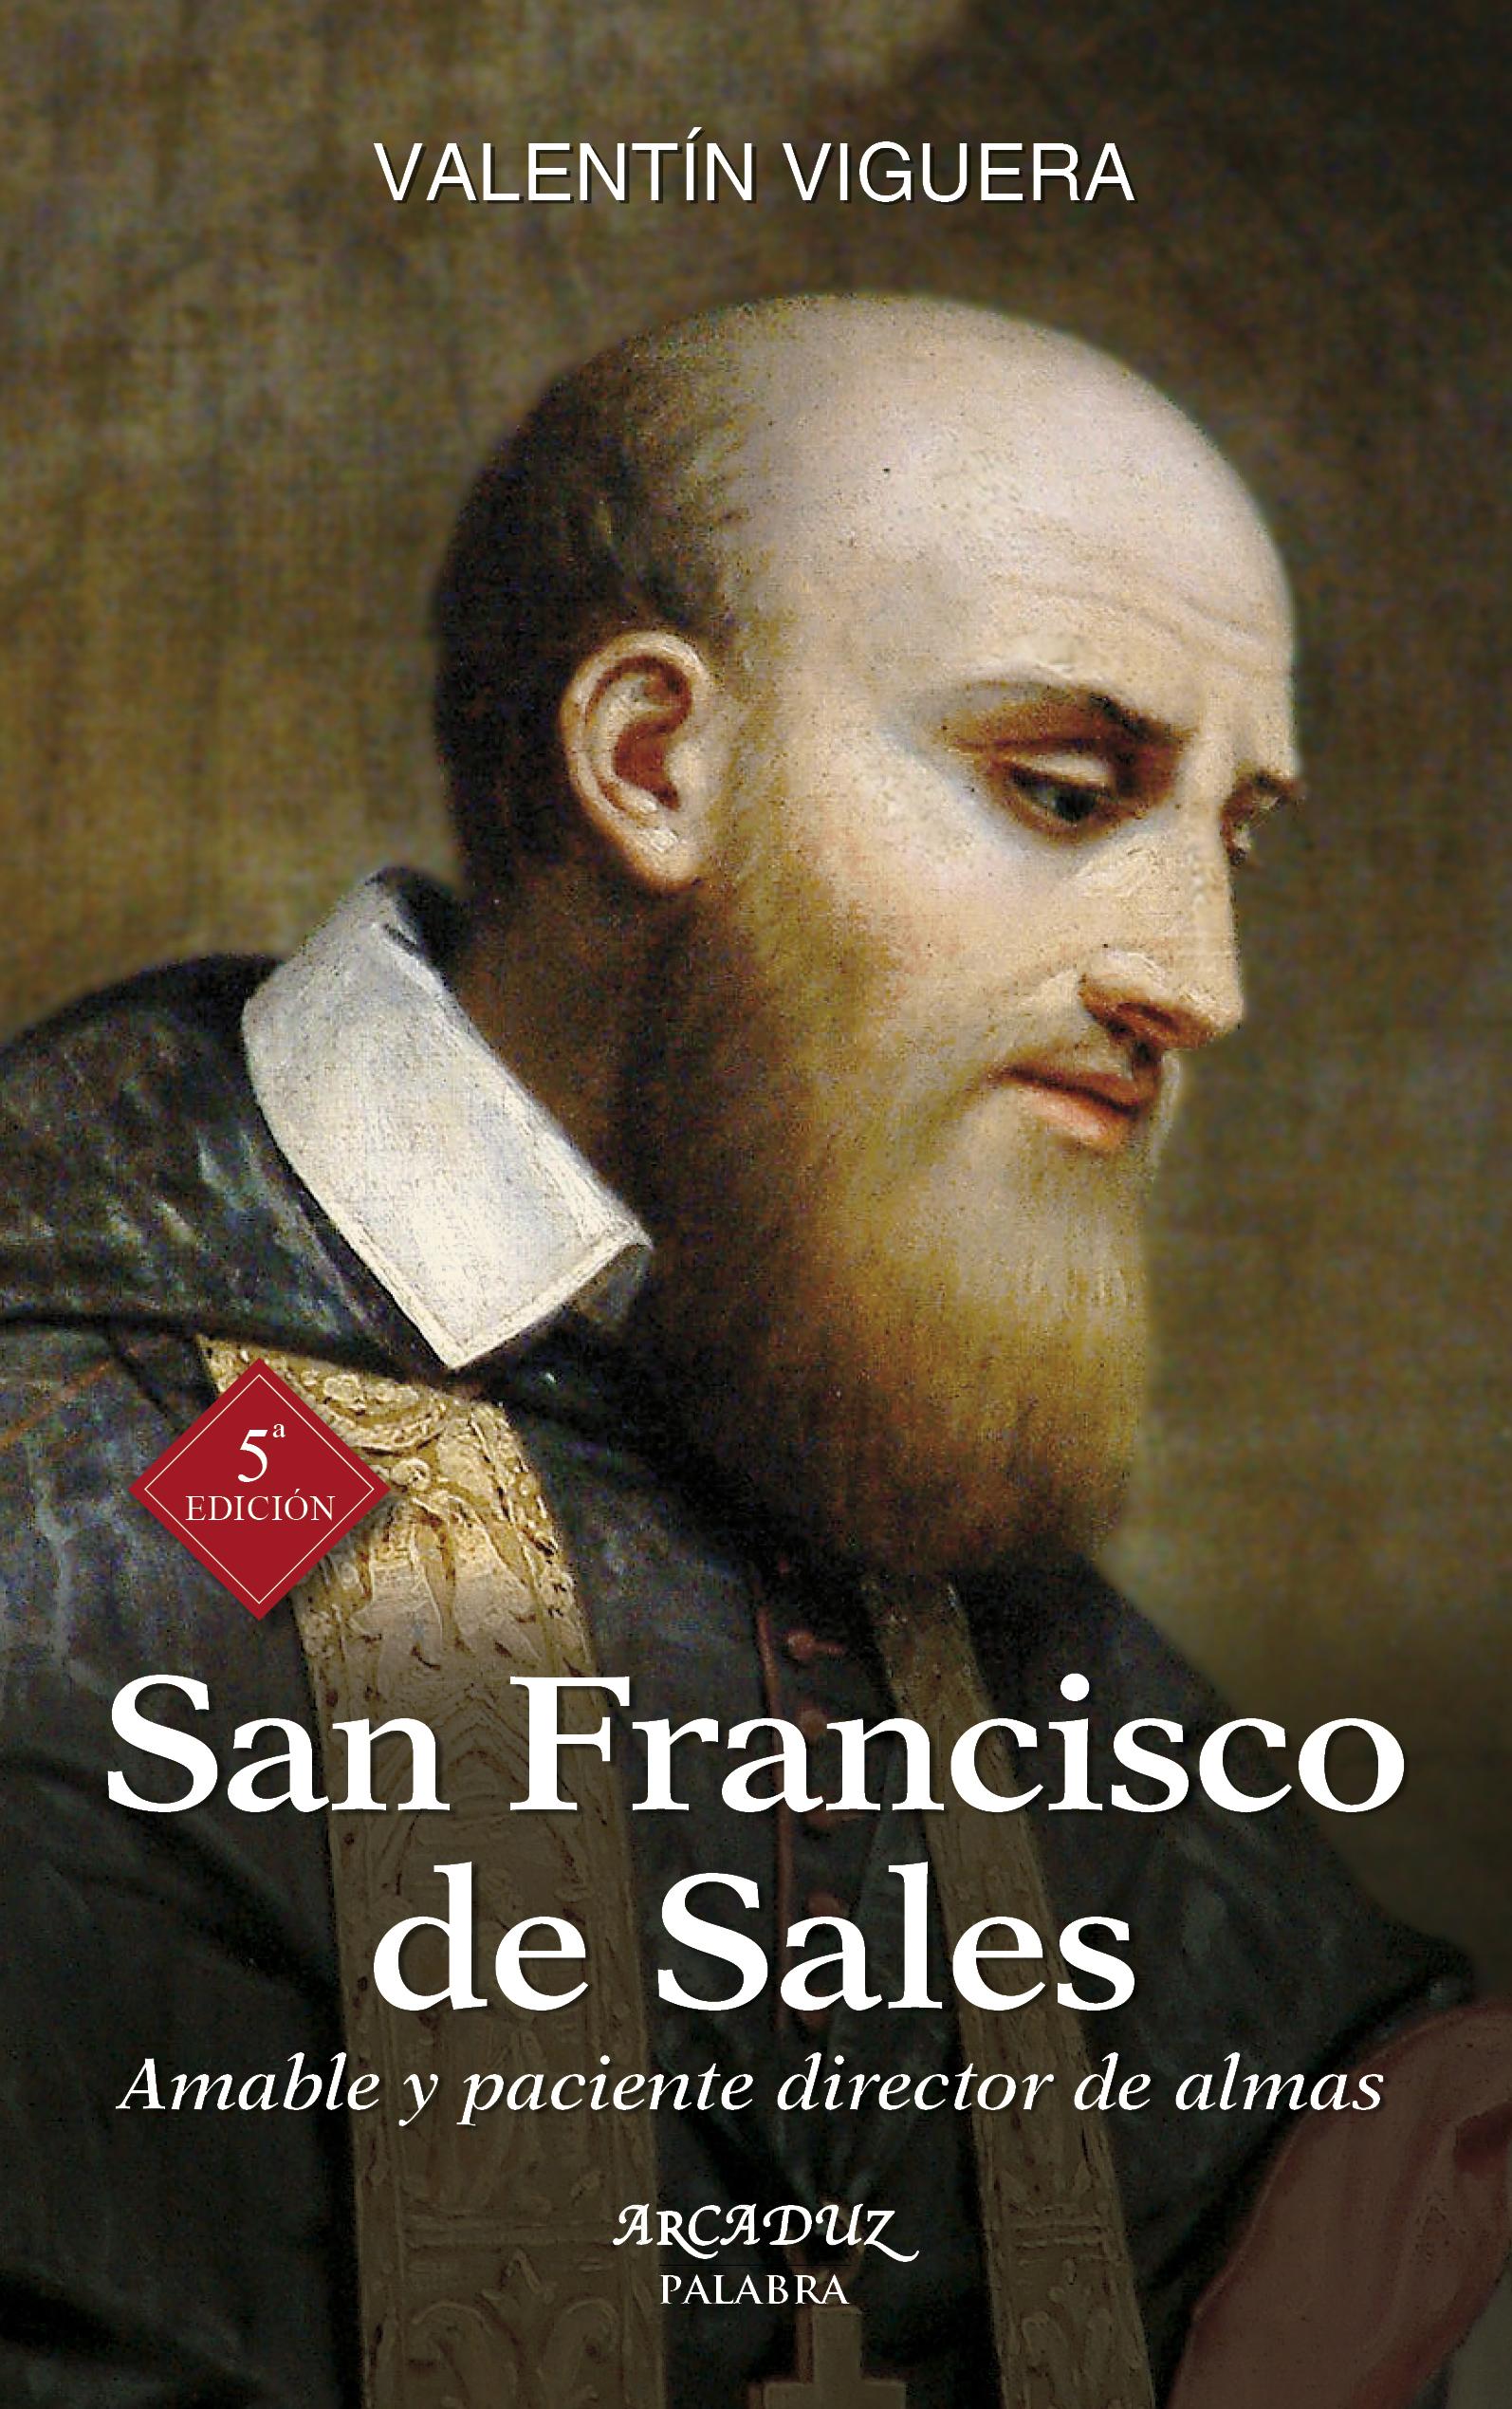 Libro: San Francisco de Sales de Valentín Viguera